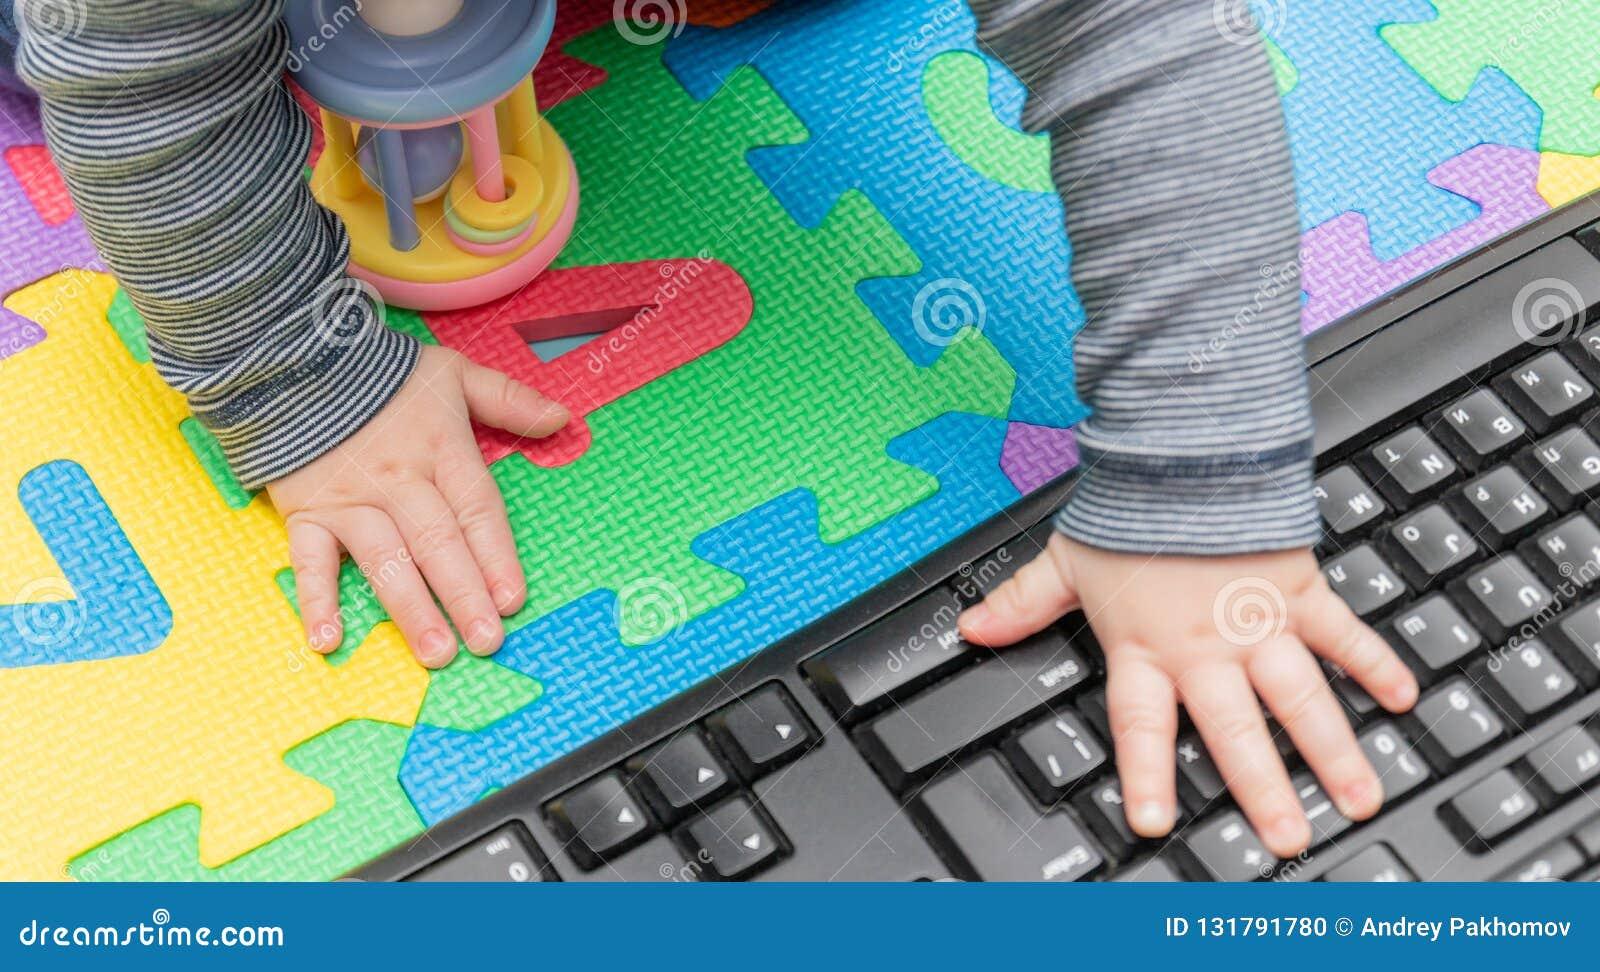 Χέρια λίγου μωρού, σε ένα ποντίκι υπολογιστών και ένα πληκτρολόγιο - ανάπτυξη παιδιών, που εξοικειώνεται με την τεχνολογία από τη